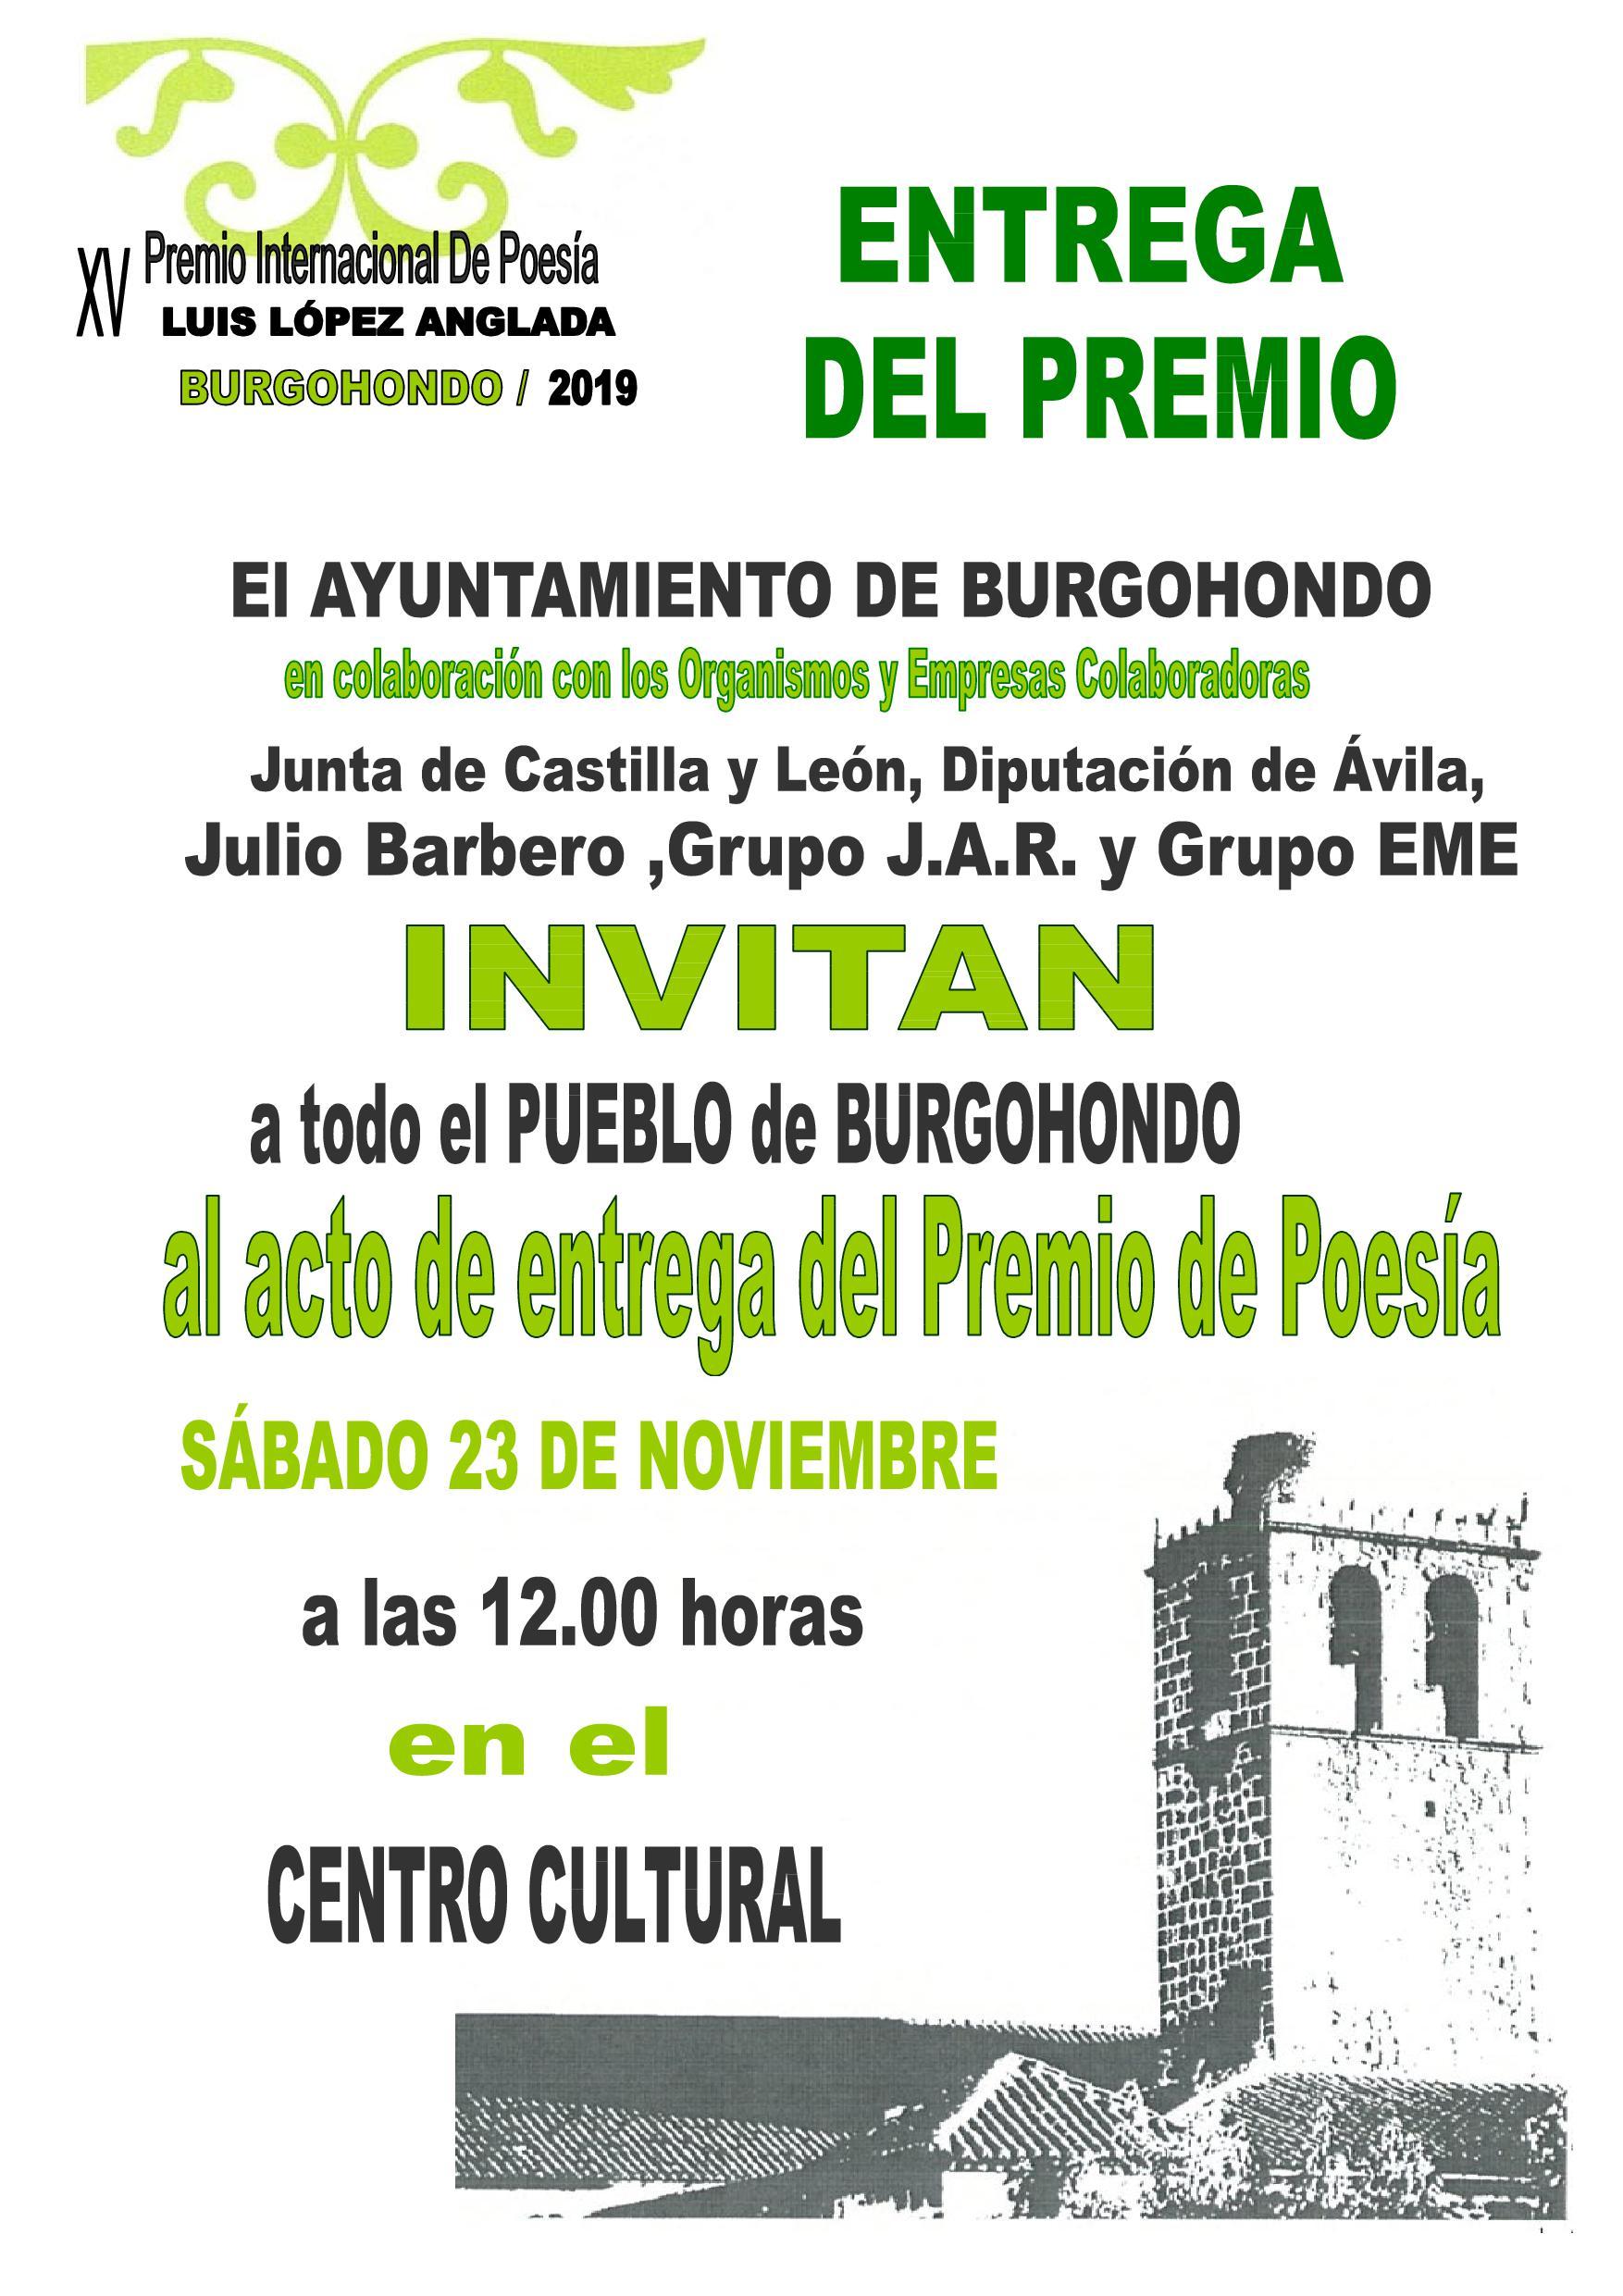 ENTREGA DEL XV PREMIO INTERNACIONAL DE POESÍA